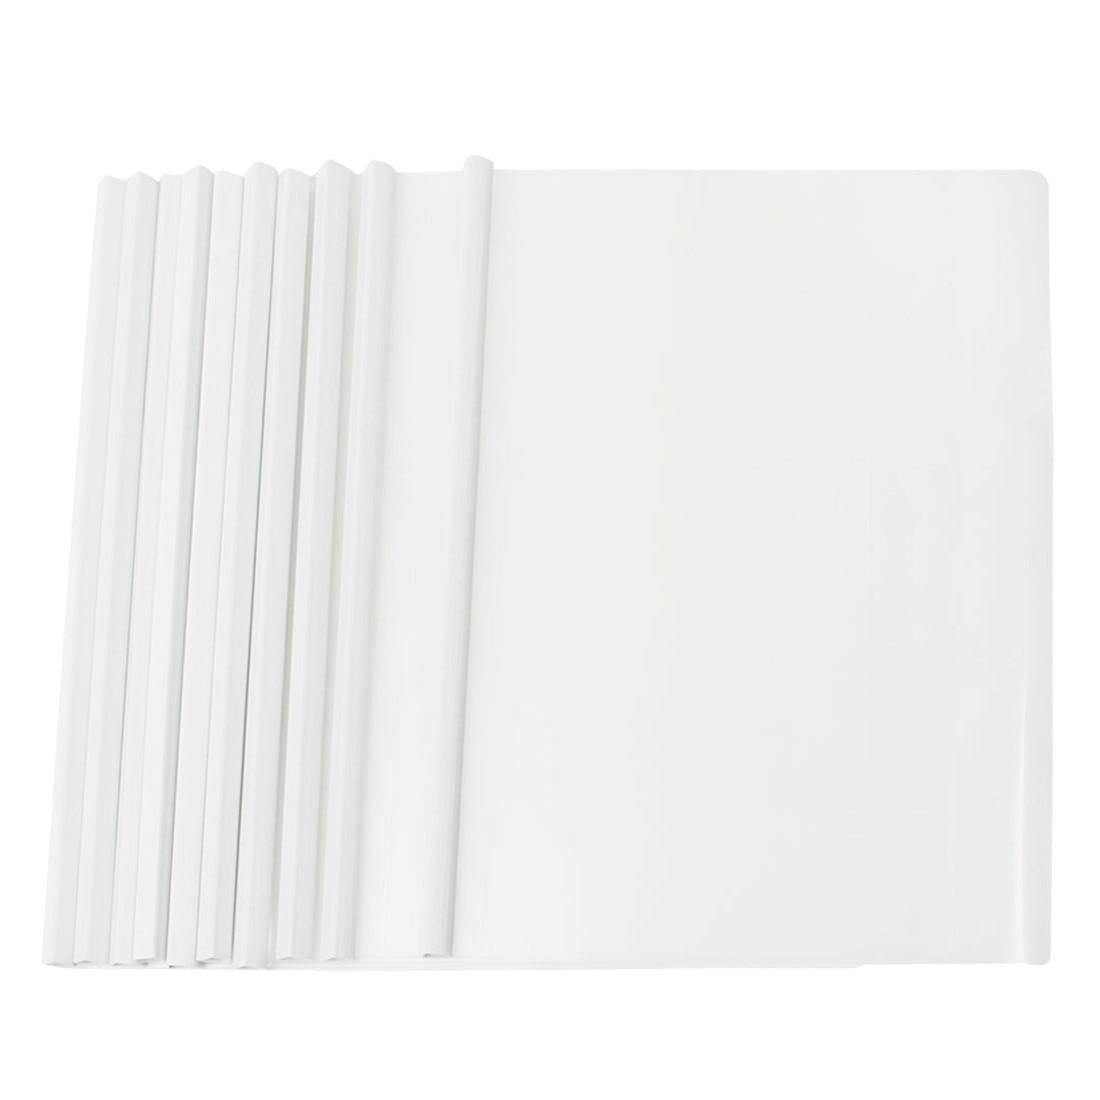 10 Pcs white Plastic Sliding Bar File Folder for A4 Paper Report10 Pcs white Plastic Sliding Bar File Folder for A4 Paper Report